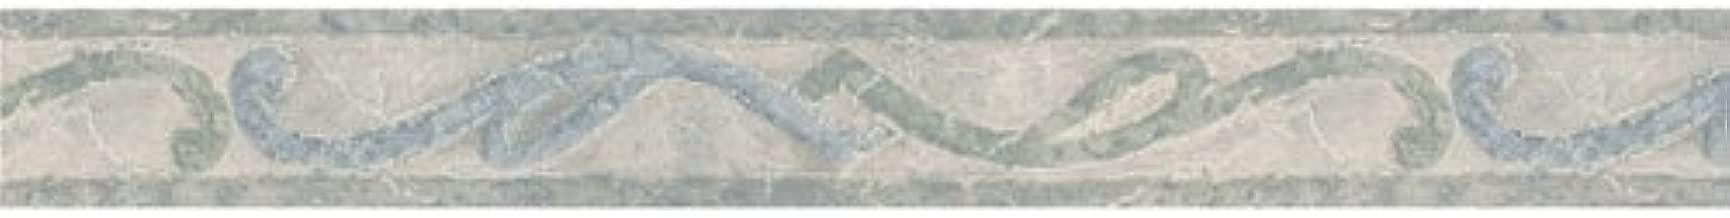 Bordure de mur autocollante 3D autocollante Bordure de papier peint amovible Bordure flexible Ligne de plafond de moulage D/écoration int/érieure Mur Image Bordure de porte Encadrement